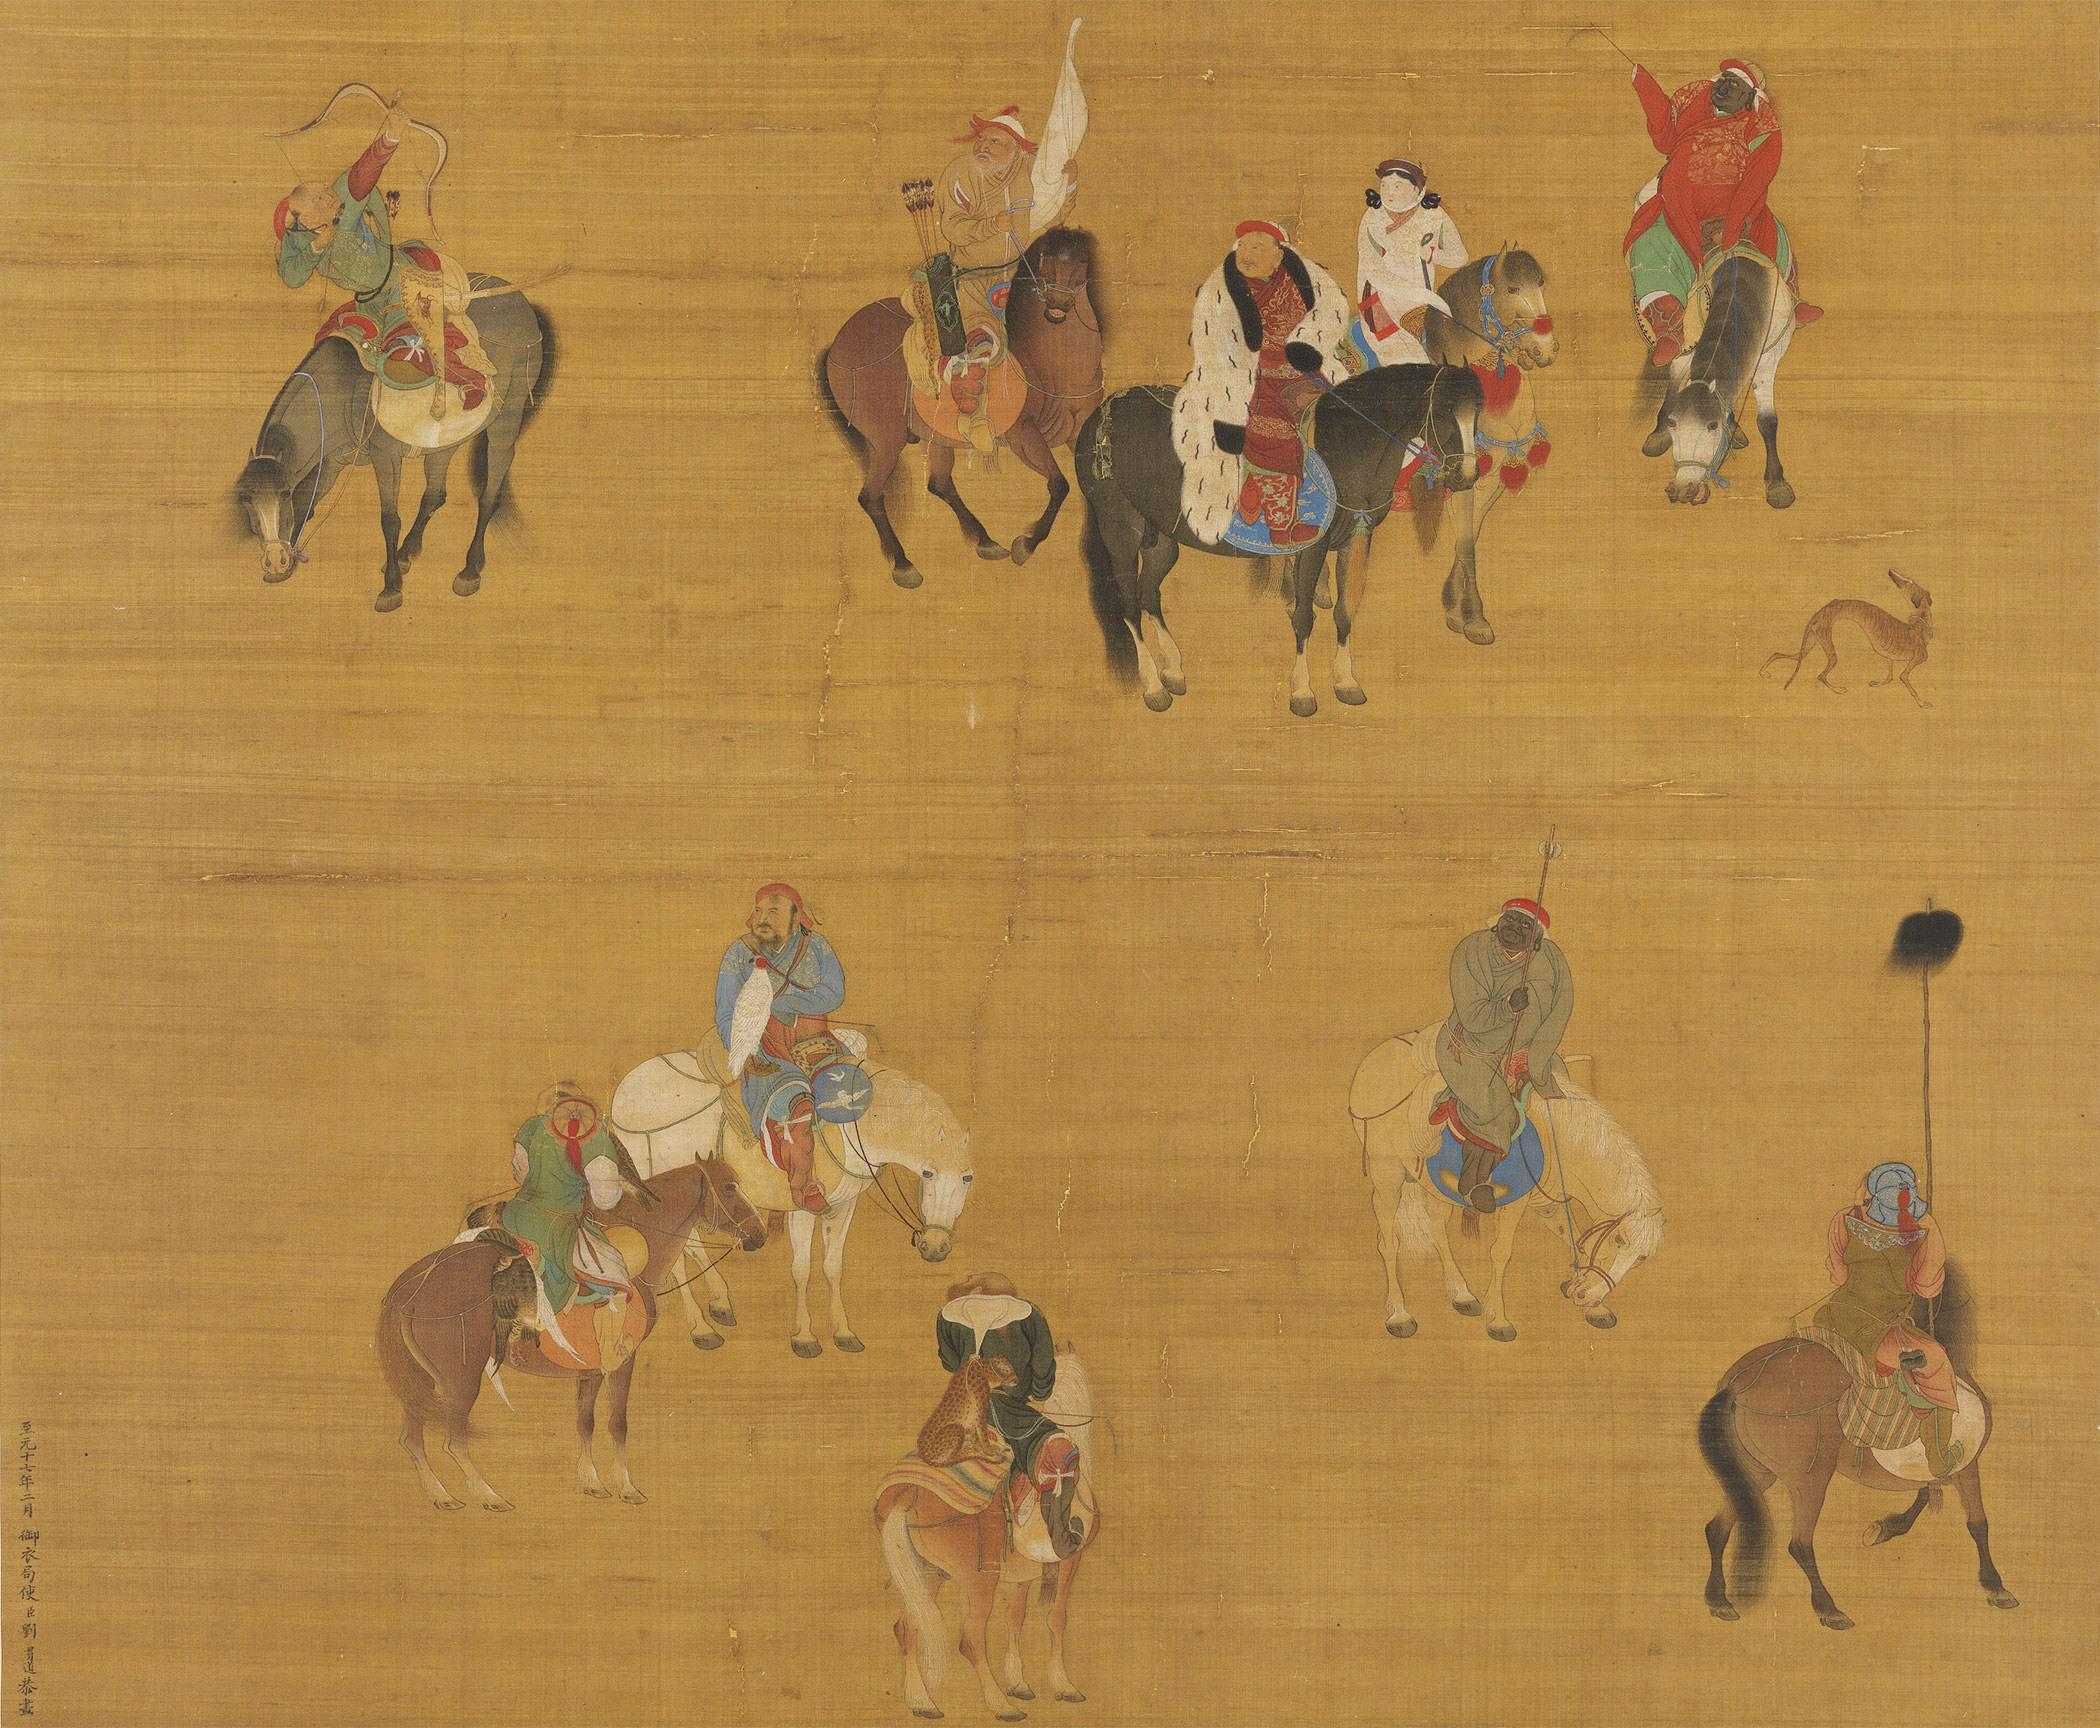 File:Liu-Kuan-Tao-Jagd.JPG